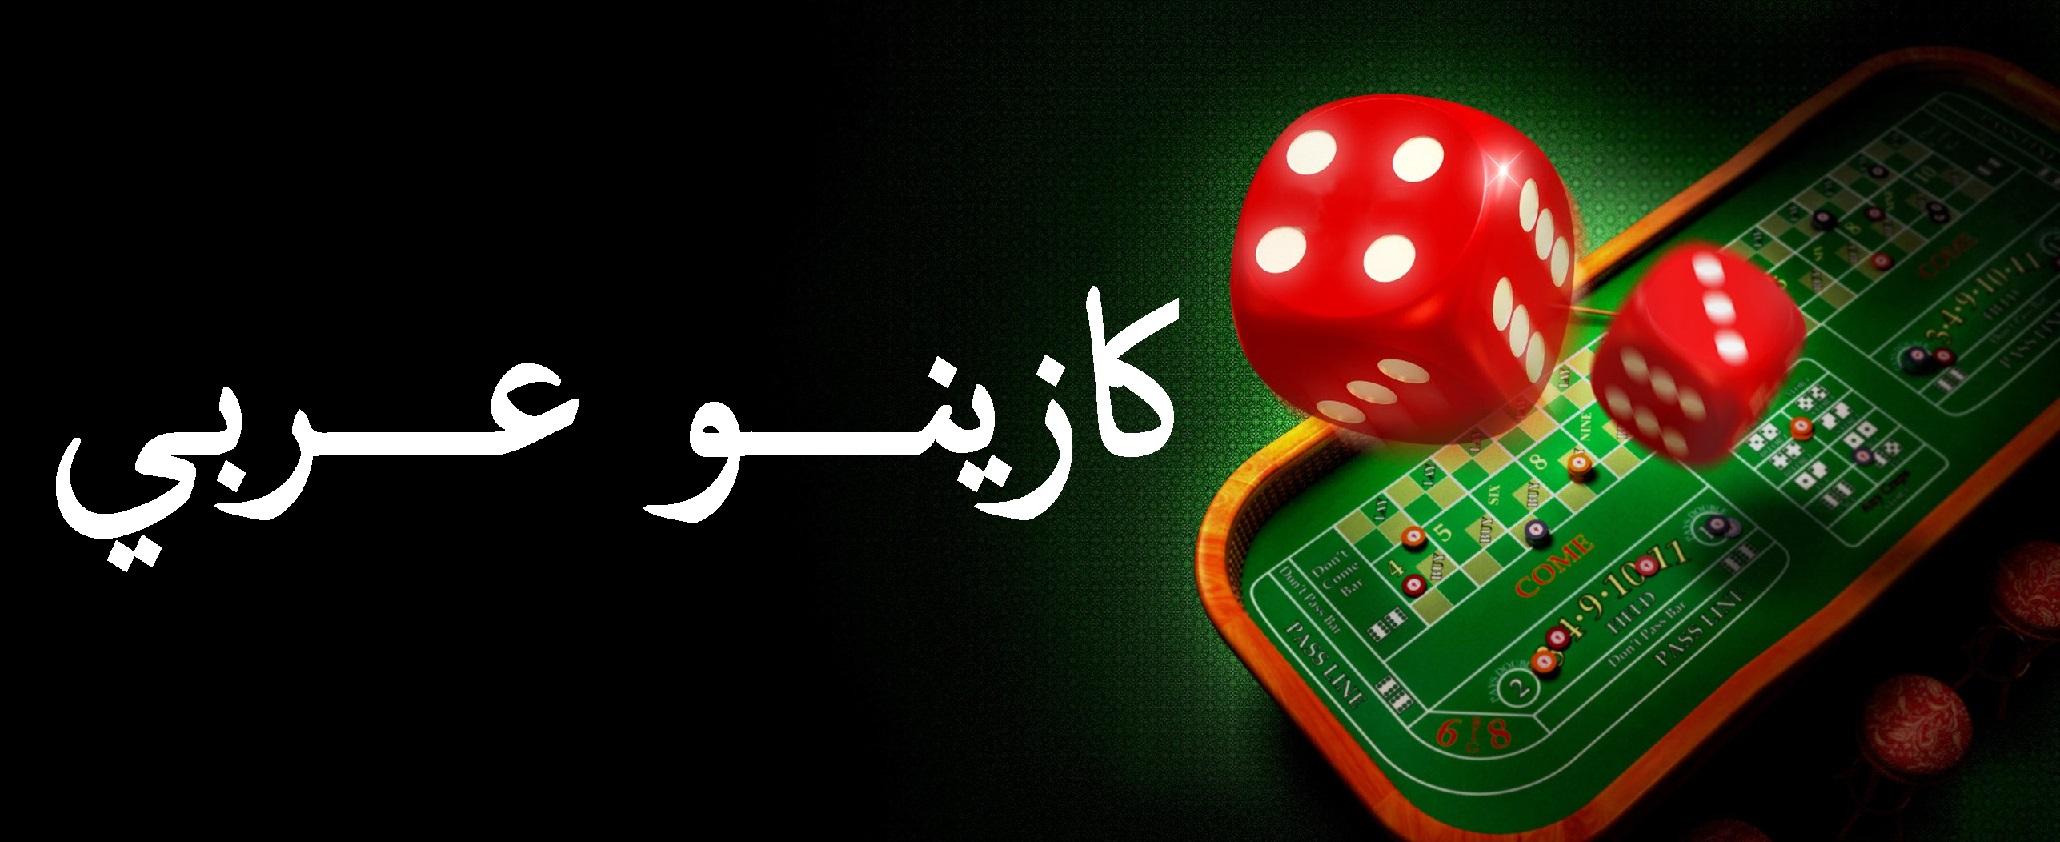 العاب 653559